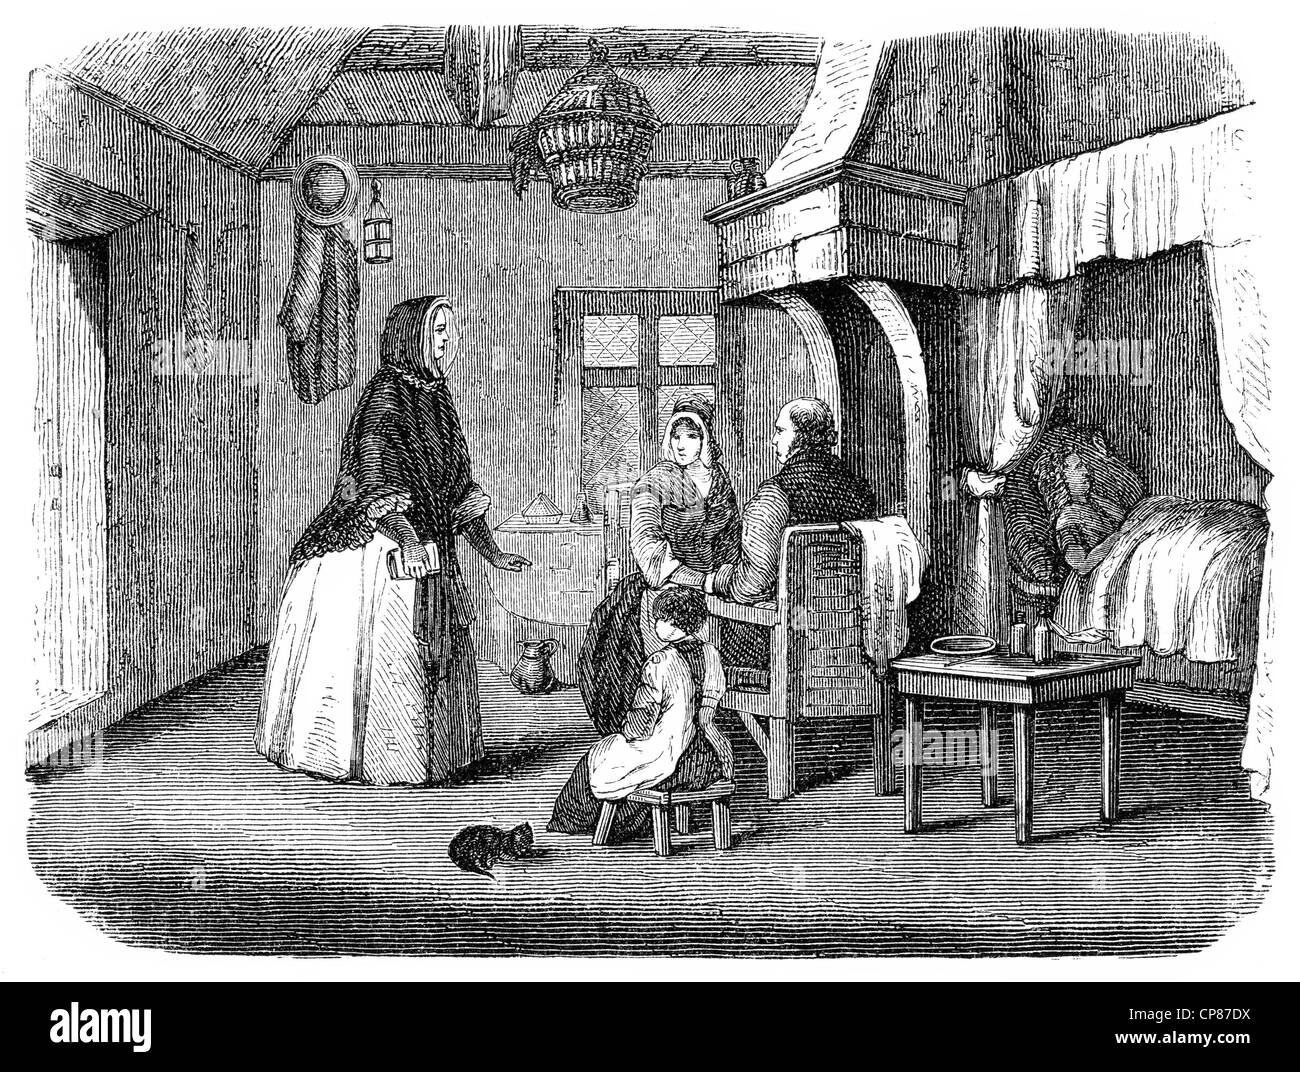 Wilhelmine Amalie Sieveking, 1794 - 1859, co-founder of the organized social work in Germany, Amalie Wilhelmine - Stock Image